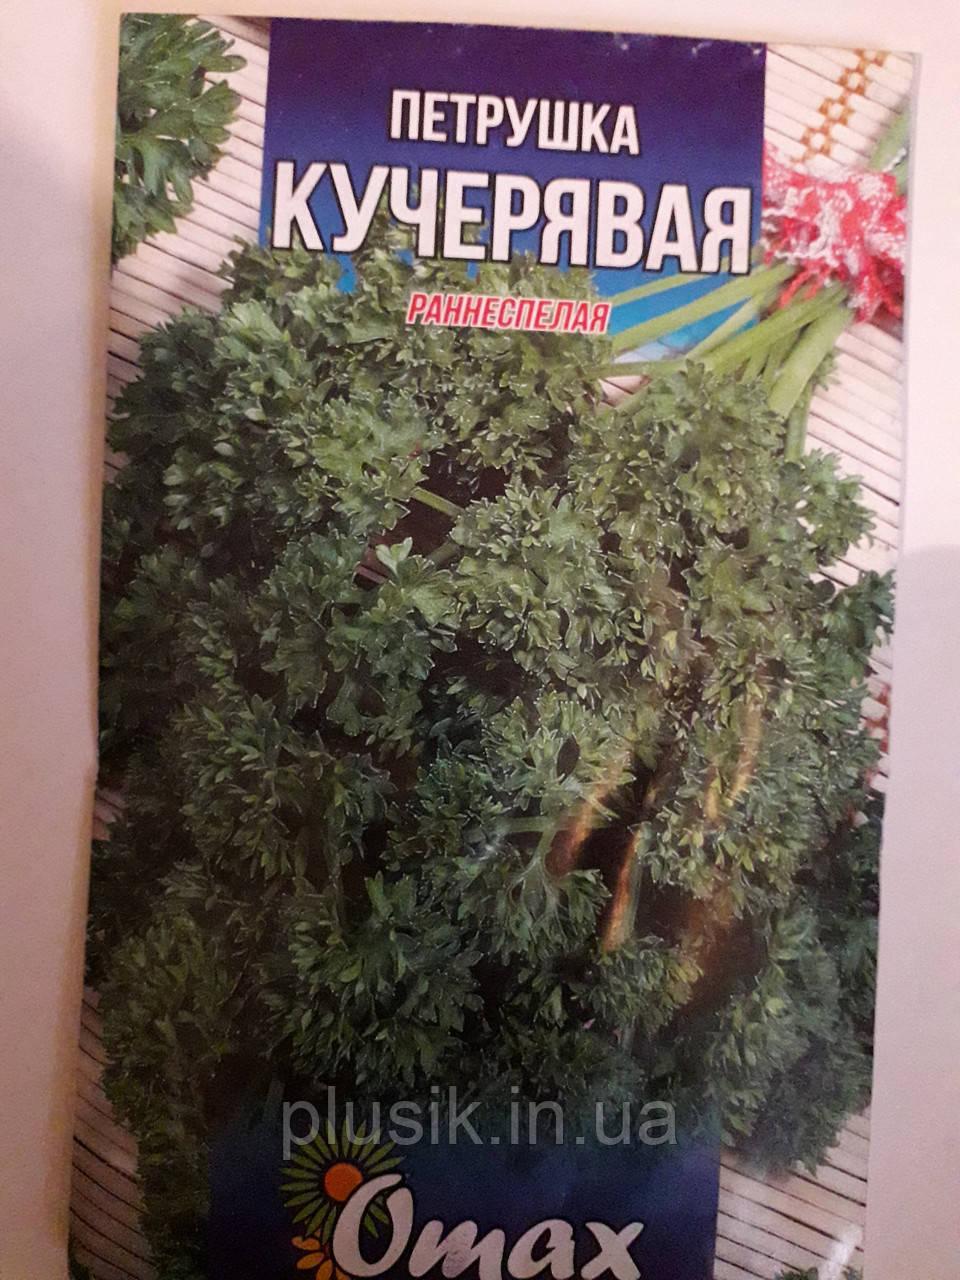 Петрушка Кучерява раннє 20 г (мінімальне замовлення 10 пачок)